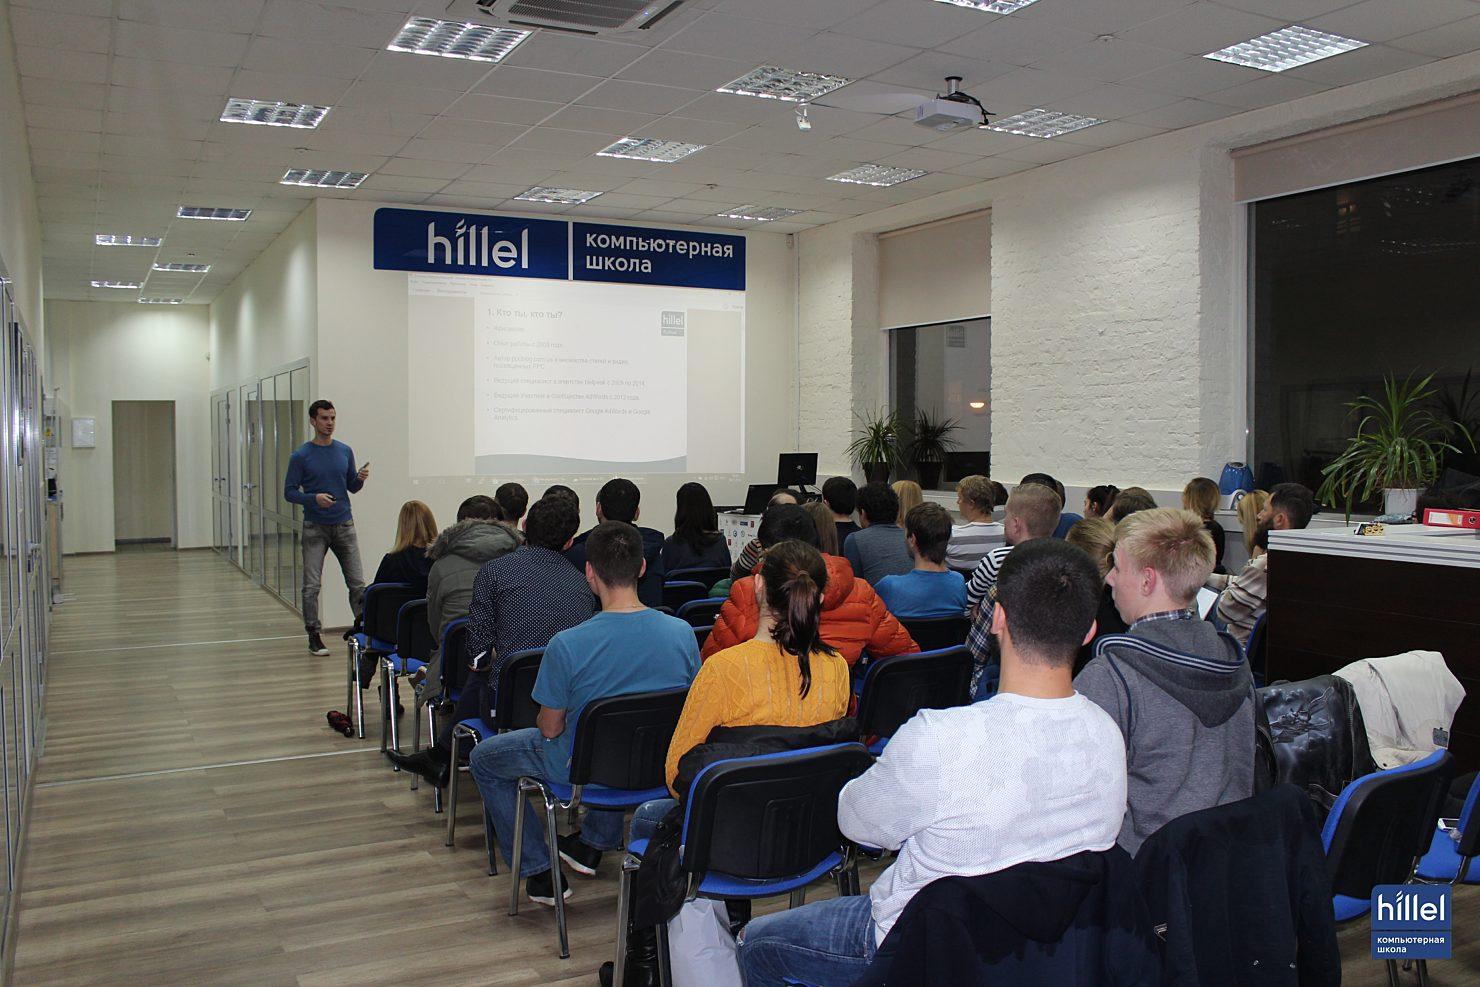 Новости школы: Как увеличить продажи в сети. В Компьютерной школе Hillel прошел мастер-класс по интернет-маркетингу. Гости мастер-класса